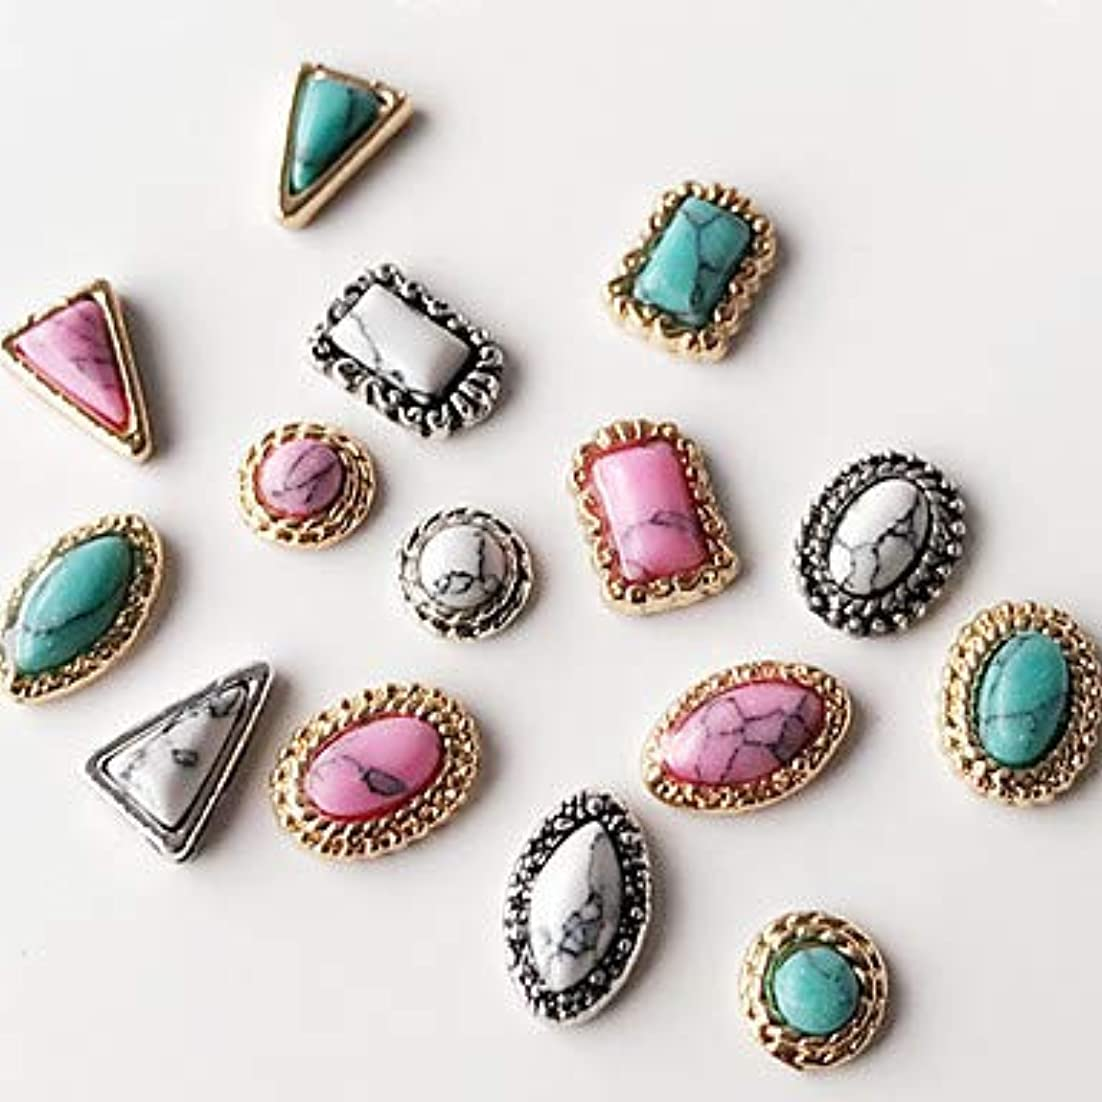 生緊急ポテト10個混合スタイル混合色古代の宝石ネイルアートの装飾に戻ります